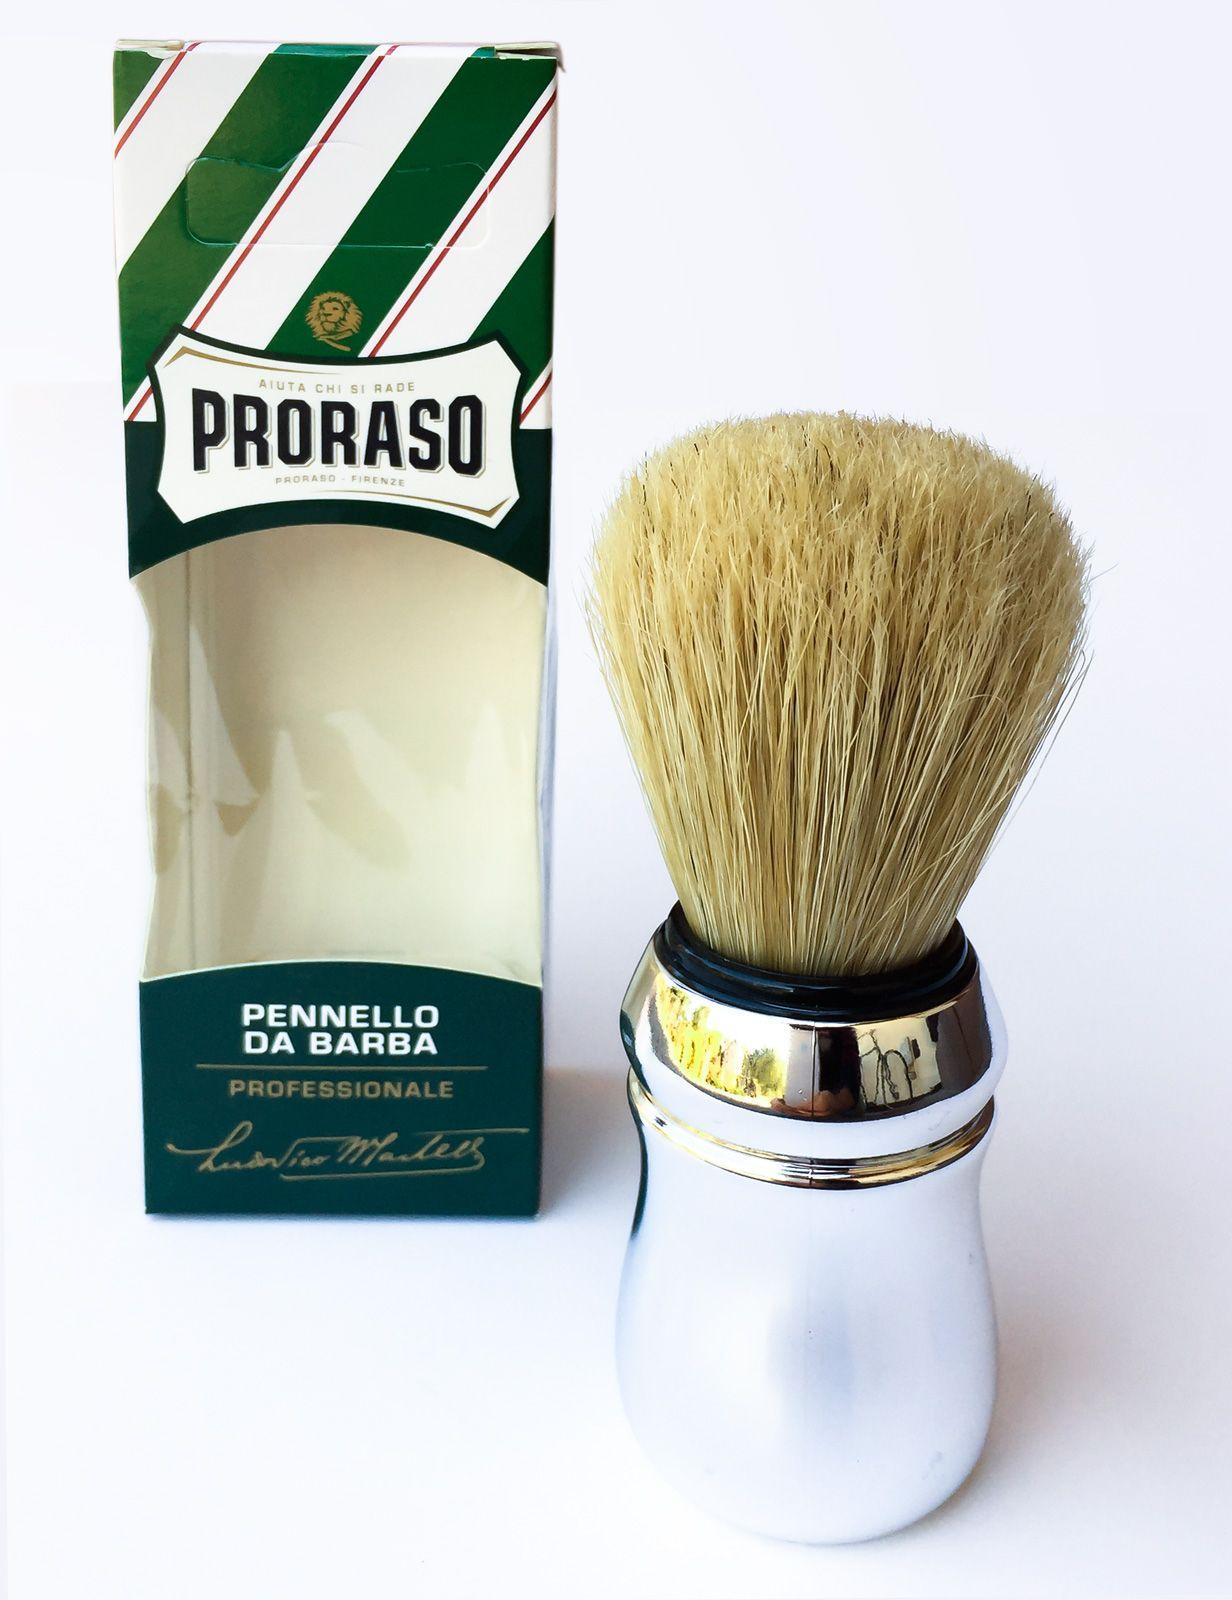 Pędzel do golenia Proraso po wyjęciu z opakowania